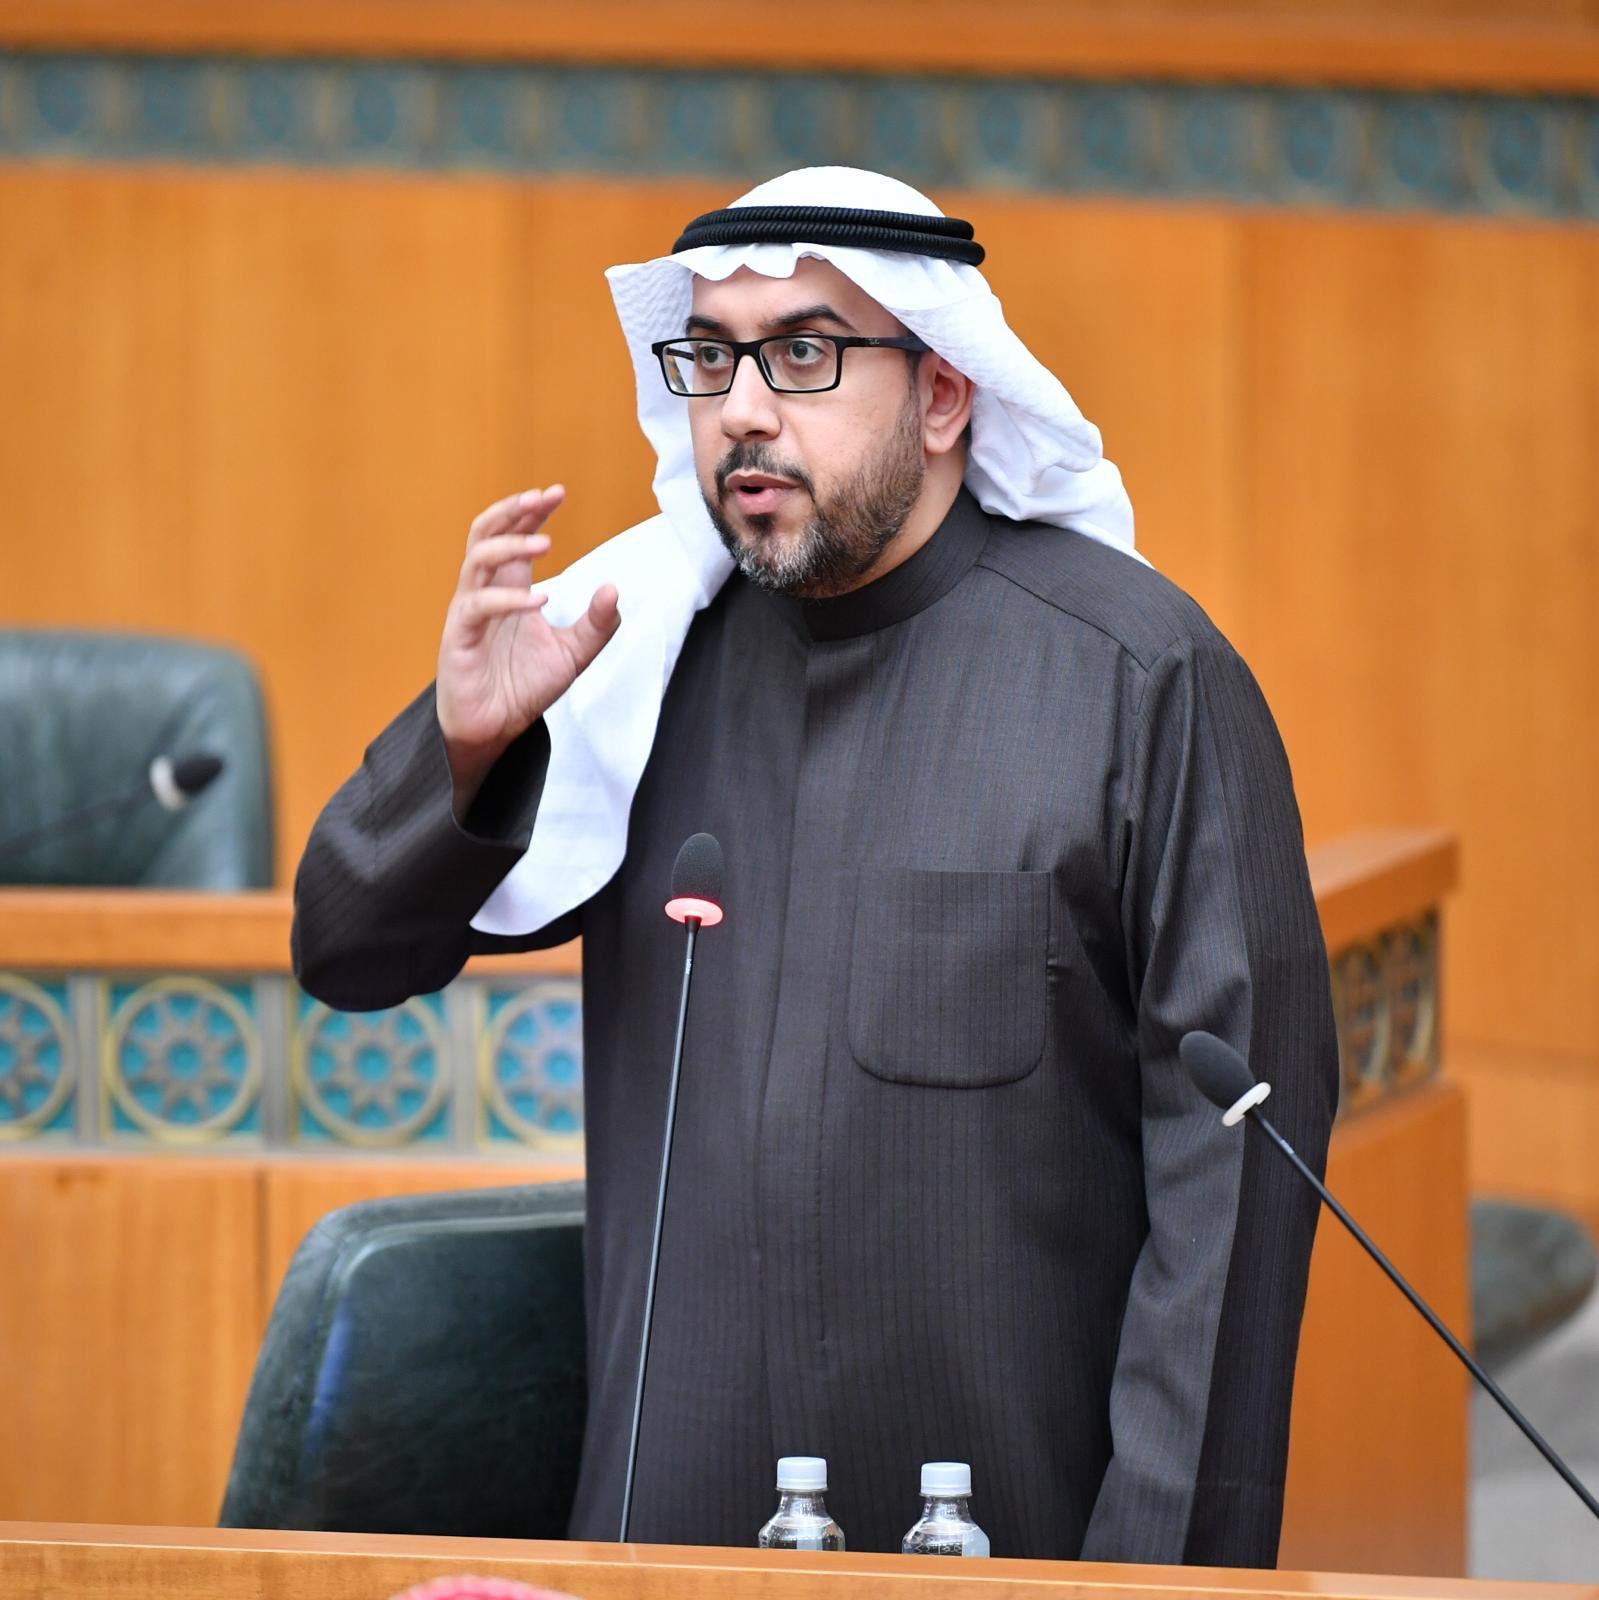 IMG ٢٠١٩٠٢١٠ ١٣٤٤٤٩ - الشاهين يقترح دعم فريق الإسناد والإنقاذ الكويتي ماديًا